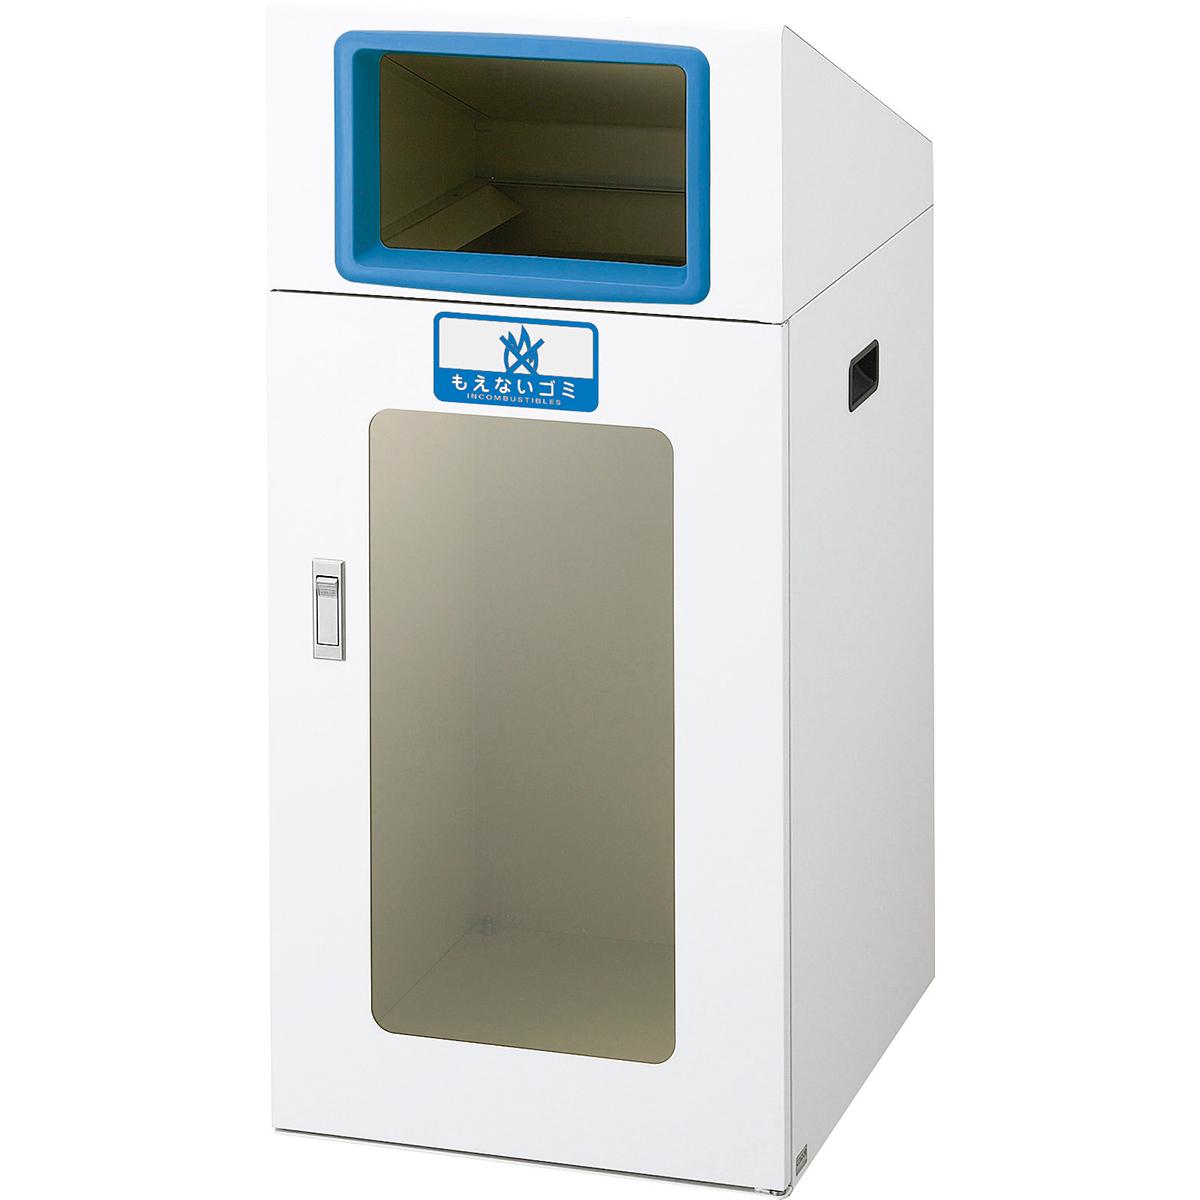 【単品配送】 山崎産業 リサイクルボックス TOS-90 120L もえないゴミ/BL(青) YW-336L-ID